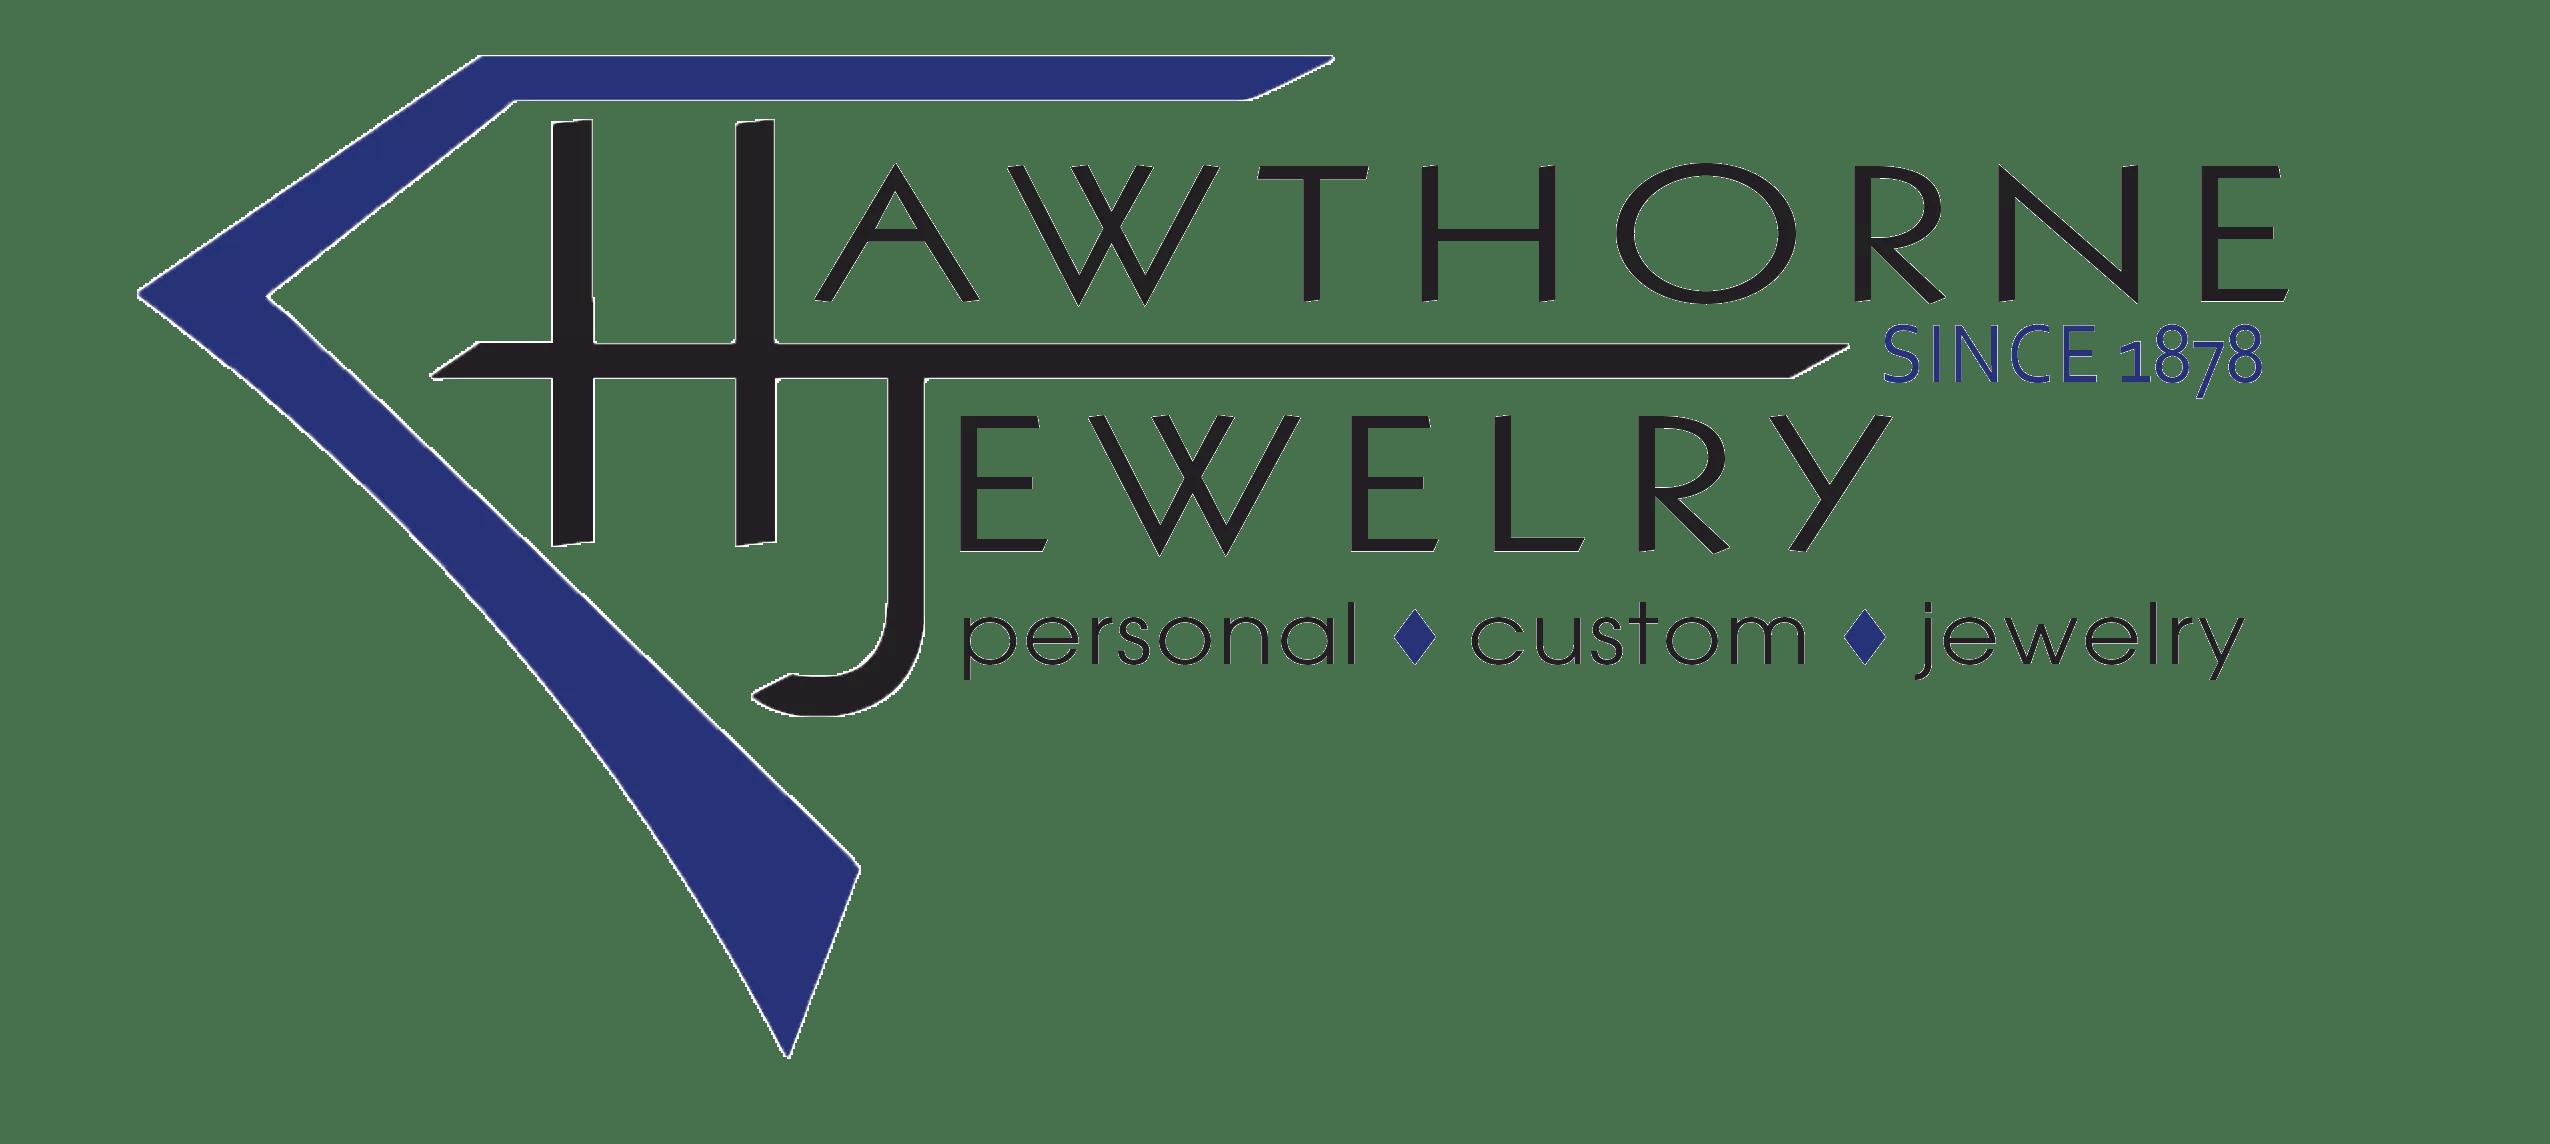 HAWTHORNE JEWELRY